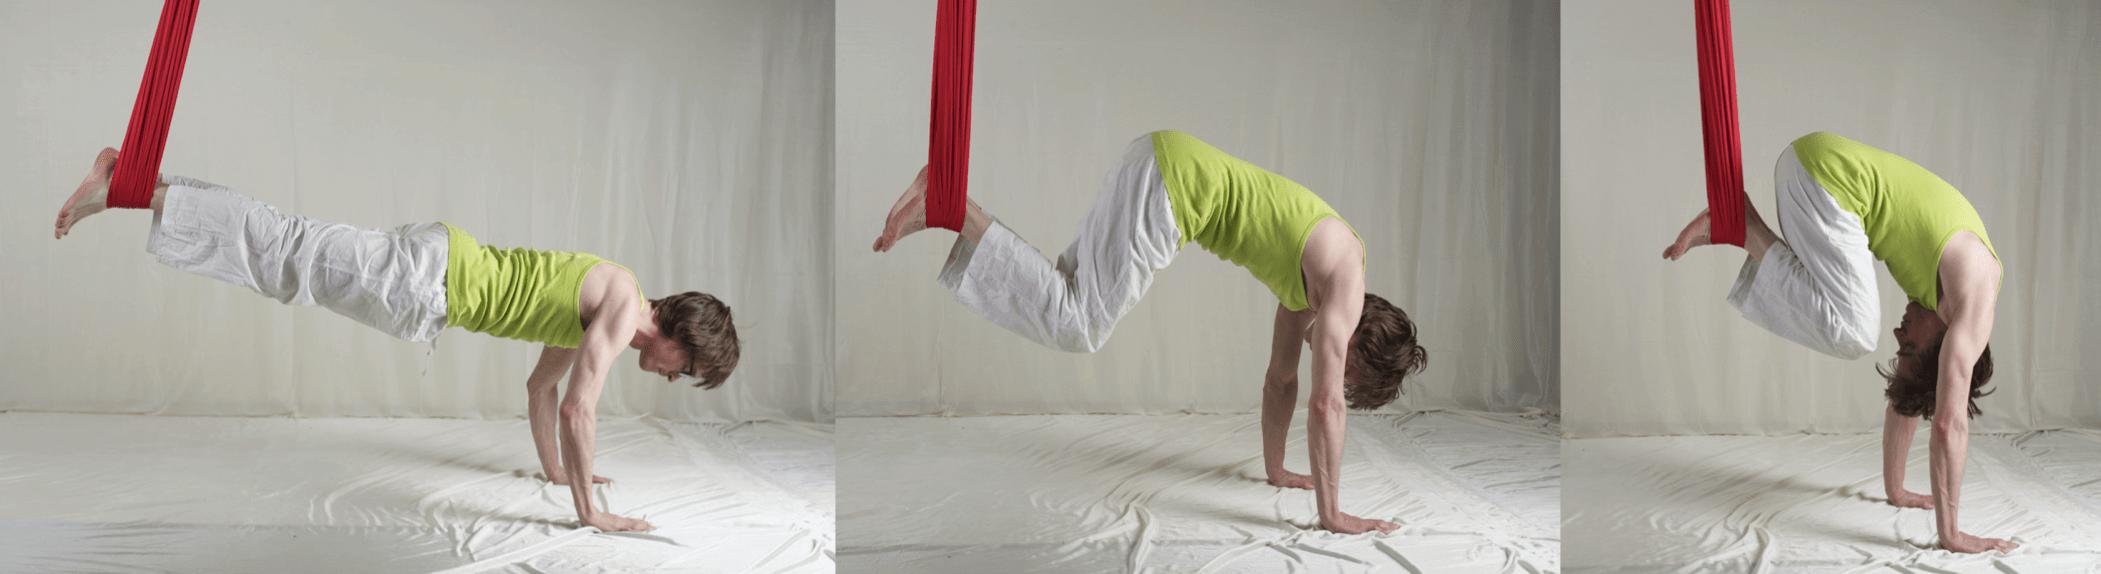 Aerial Yoga Tuch Bauchpresse